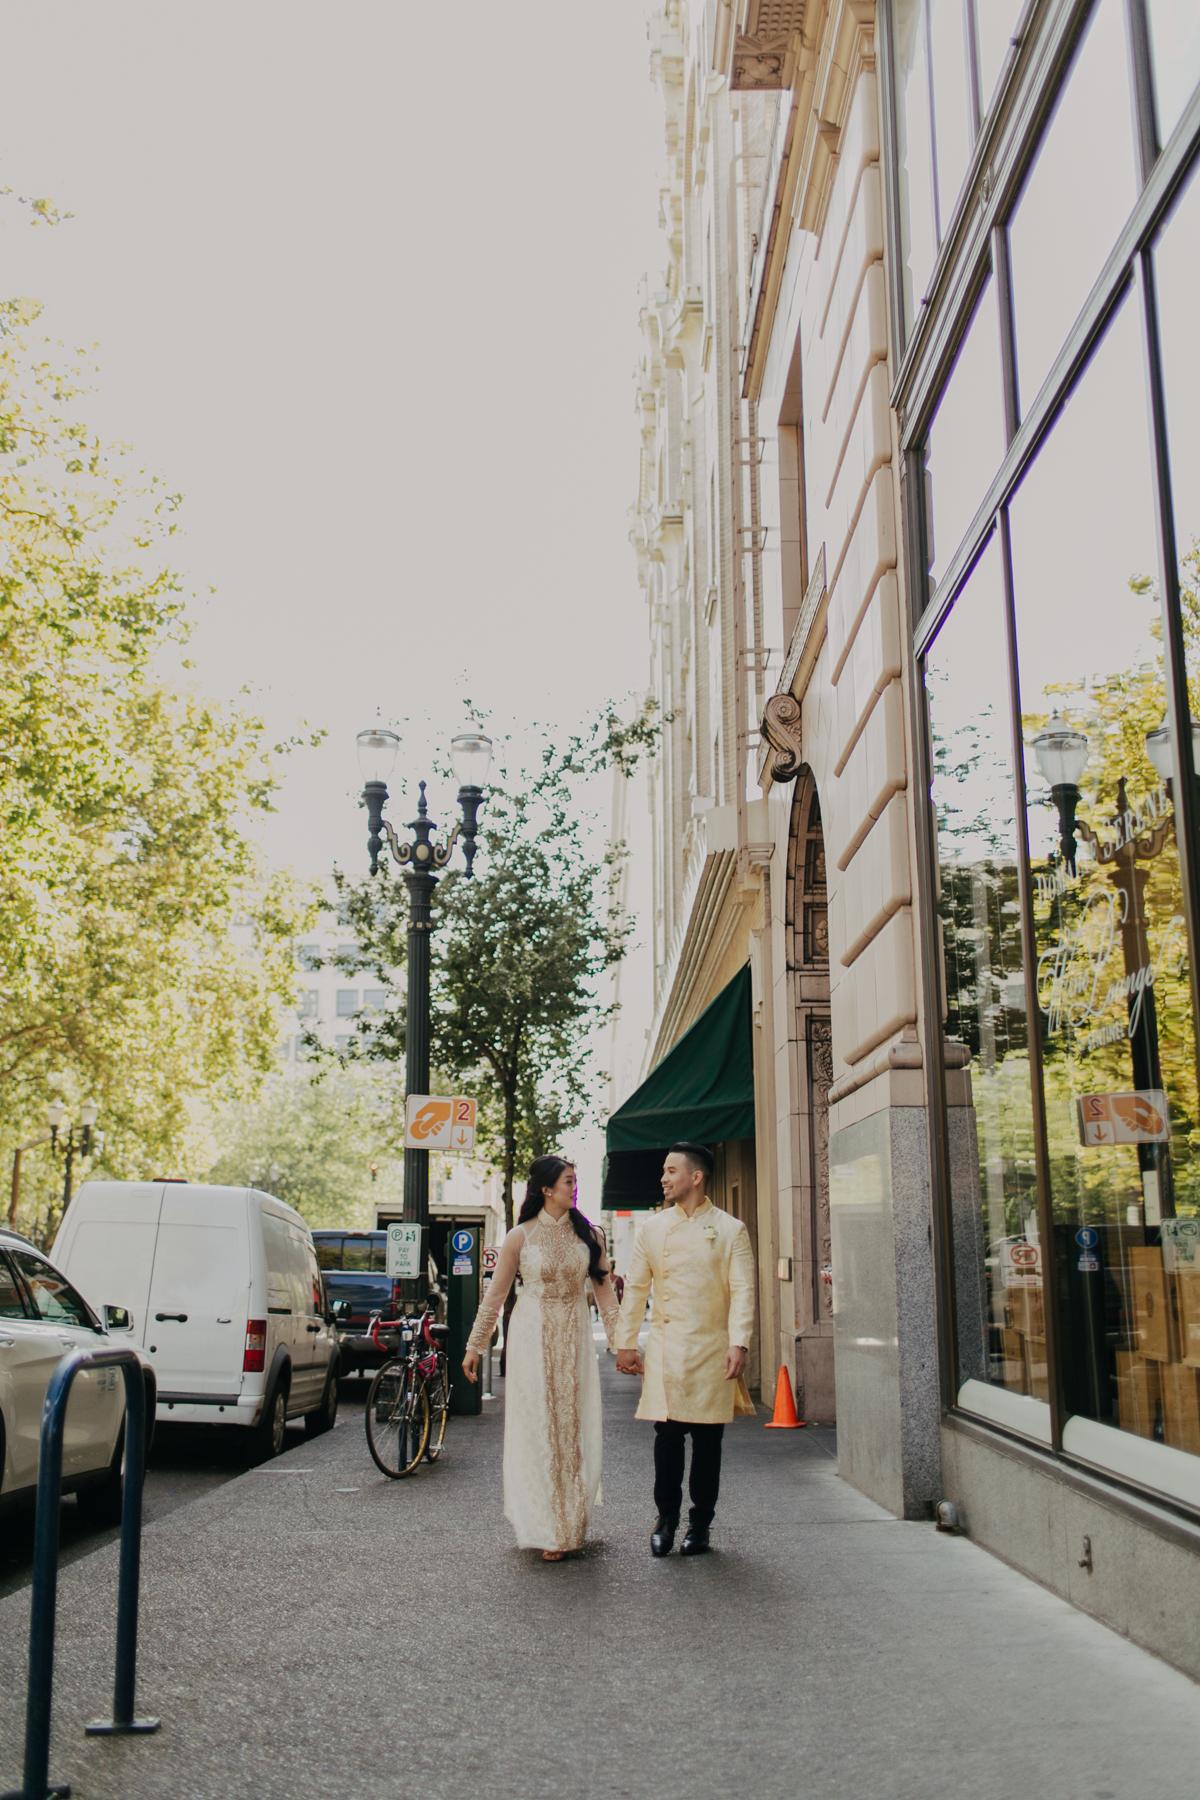 SM 08.18.18 | Huynh Wedding 0162.JPG